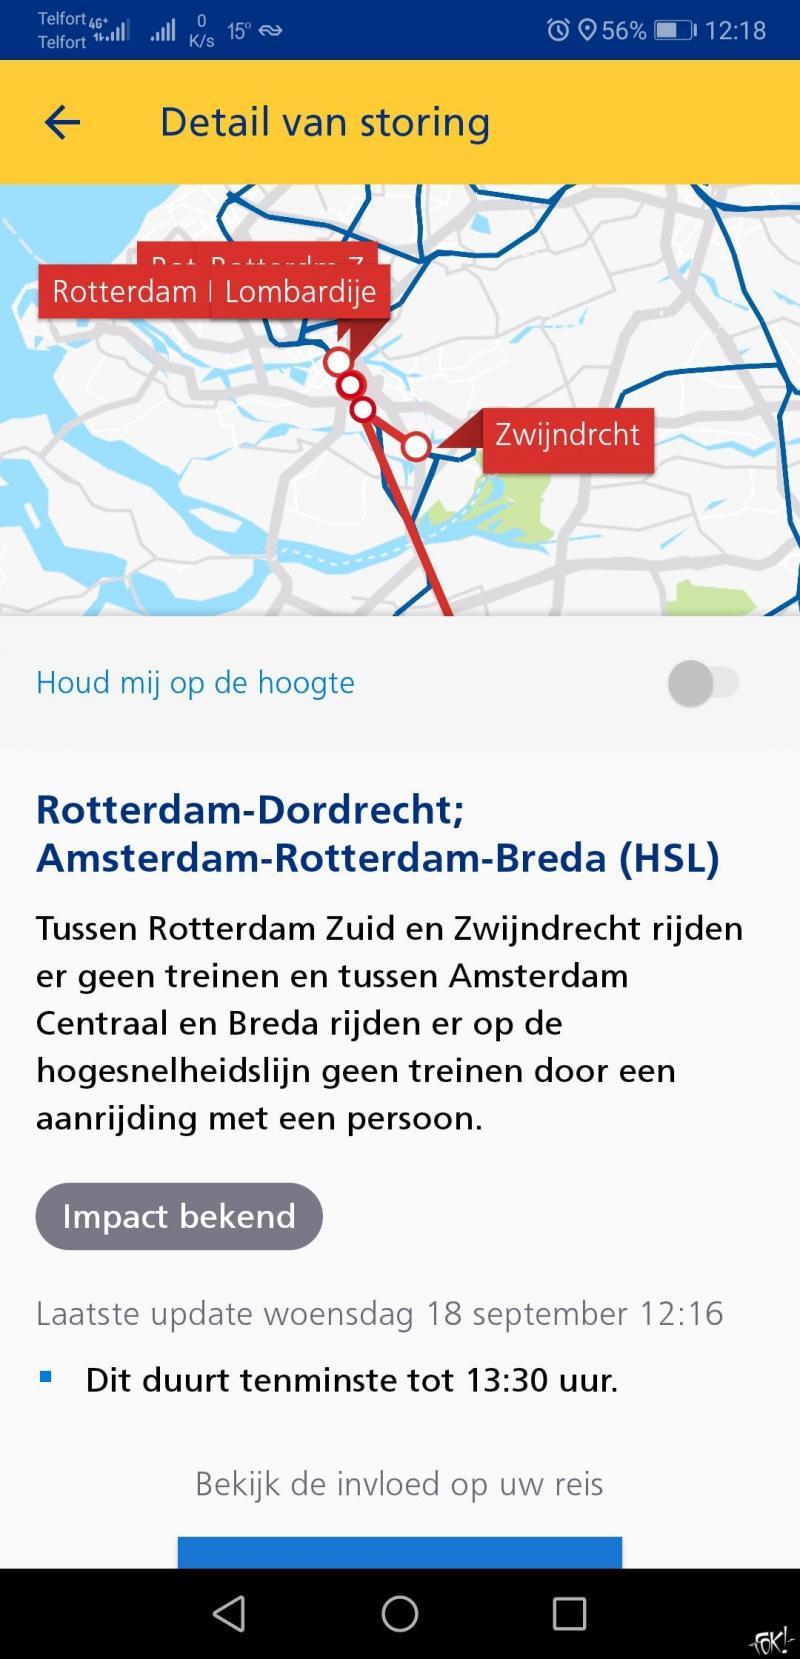 Treinverkeer rond Rotterdam gestremd door aanrijding met een persoon